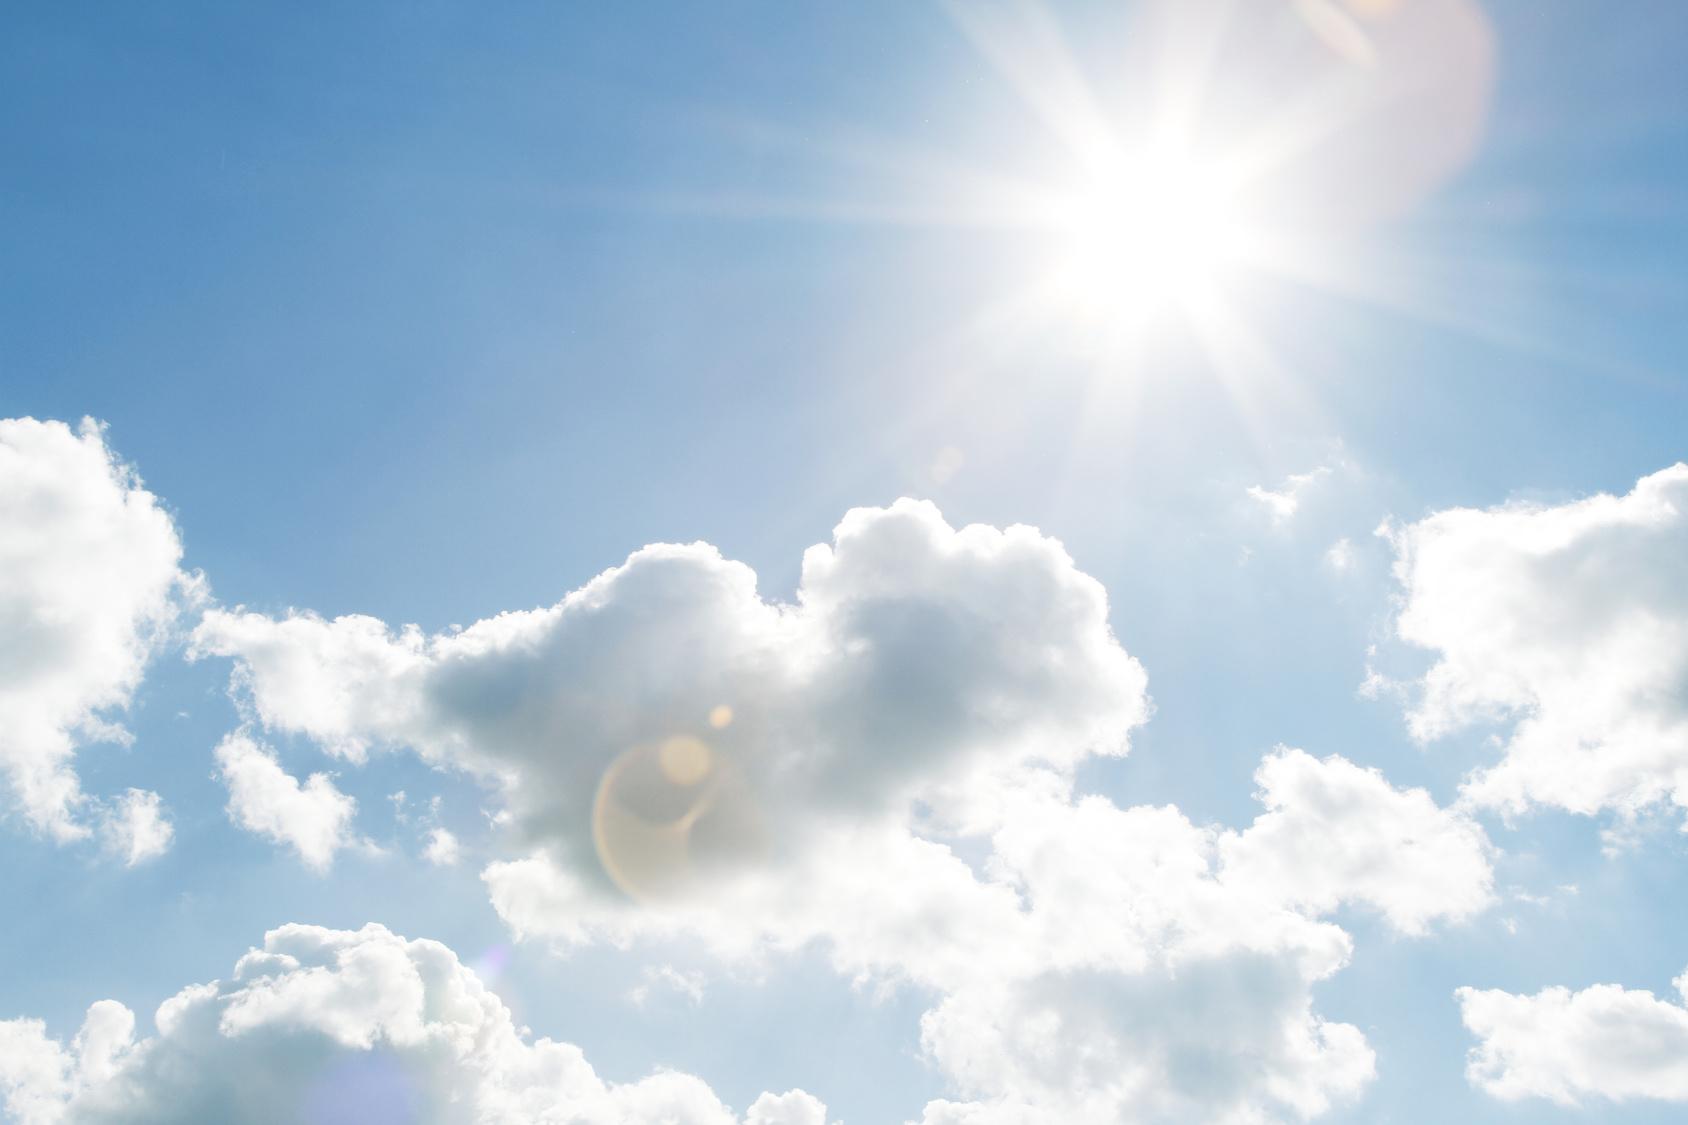 夏の終わりは、紫外線・乾燥など老け顔の原因が蓄積しています